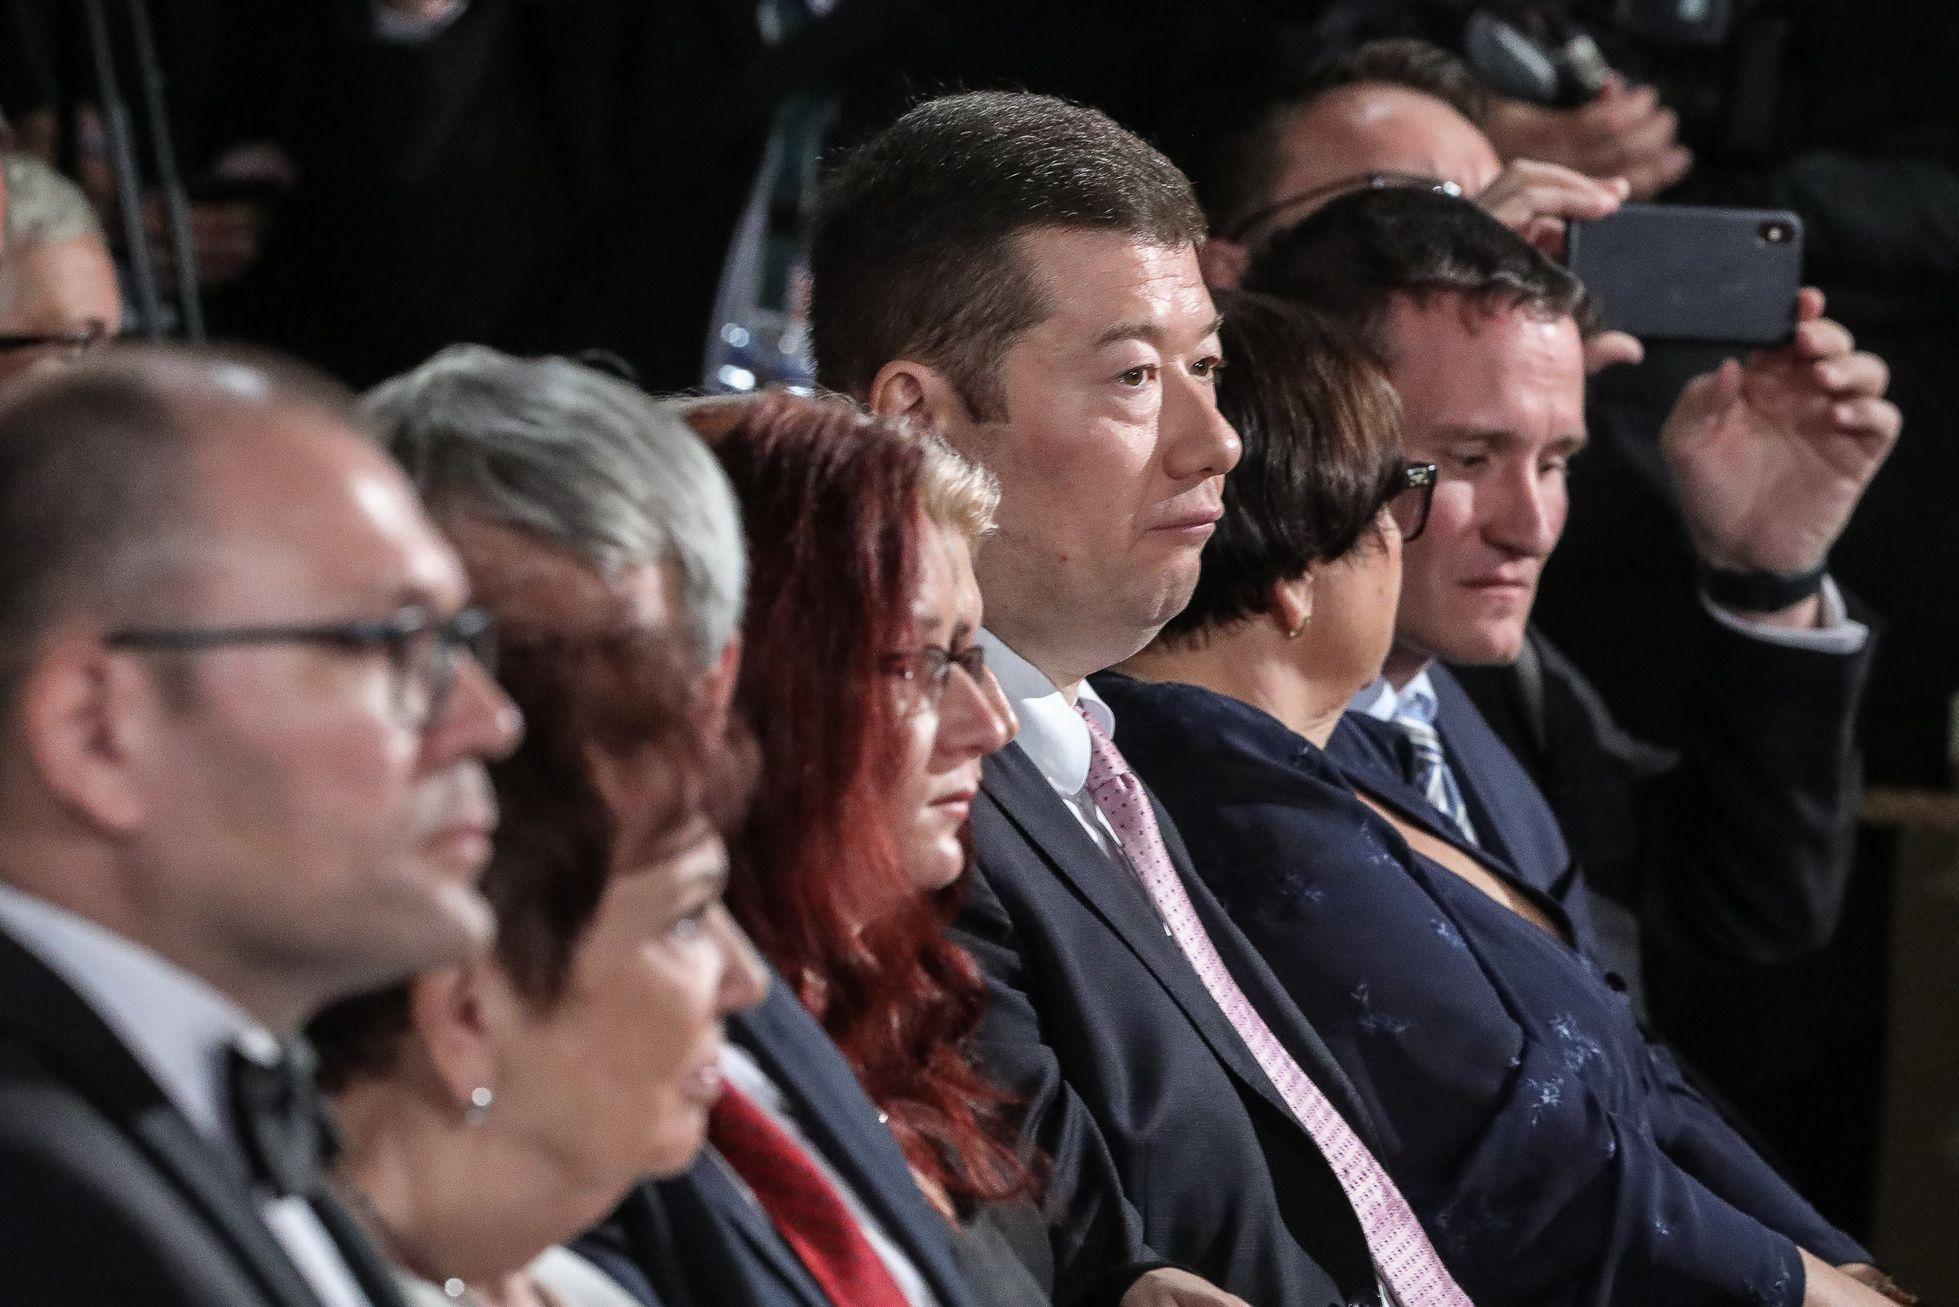 Na svém místě hned ve druhé řadě sedí také šéf populisticko-extrémistické SPD Tomio Okamura. Kdo naopak pozvánku nedostal, jsou předsedové ODS, TOP 09, STAN ani Pirátů a to ačkoliv mají zastoupení ve vedení Poslanecké sněmovny (Petr Fiala za ODS a Vojtěch Pikal za Piráty).